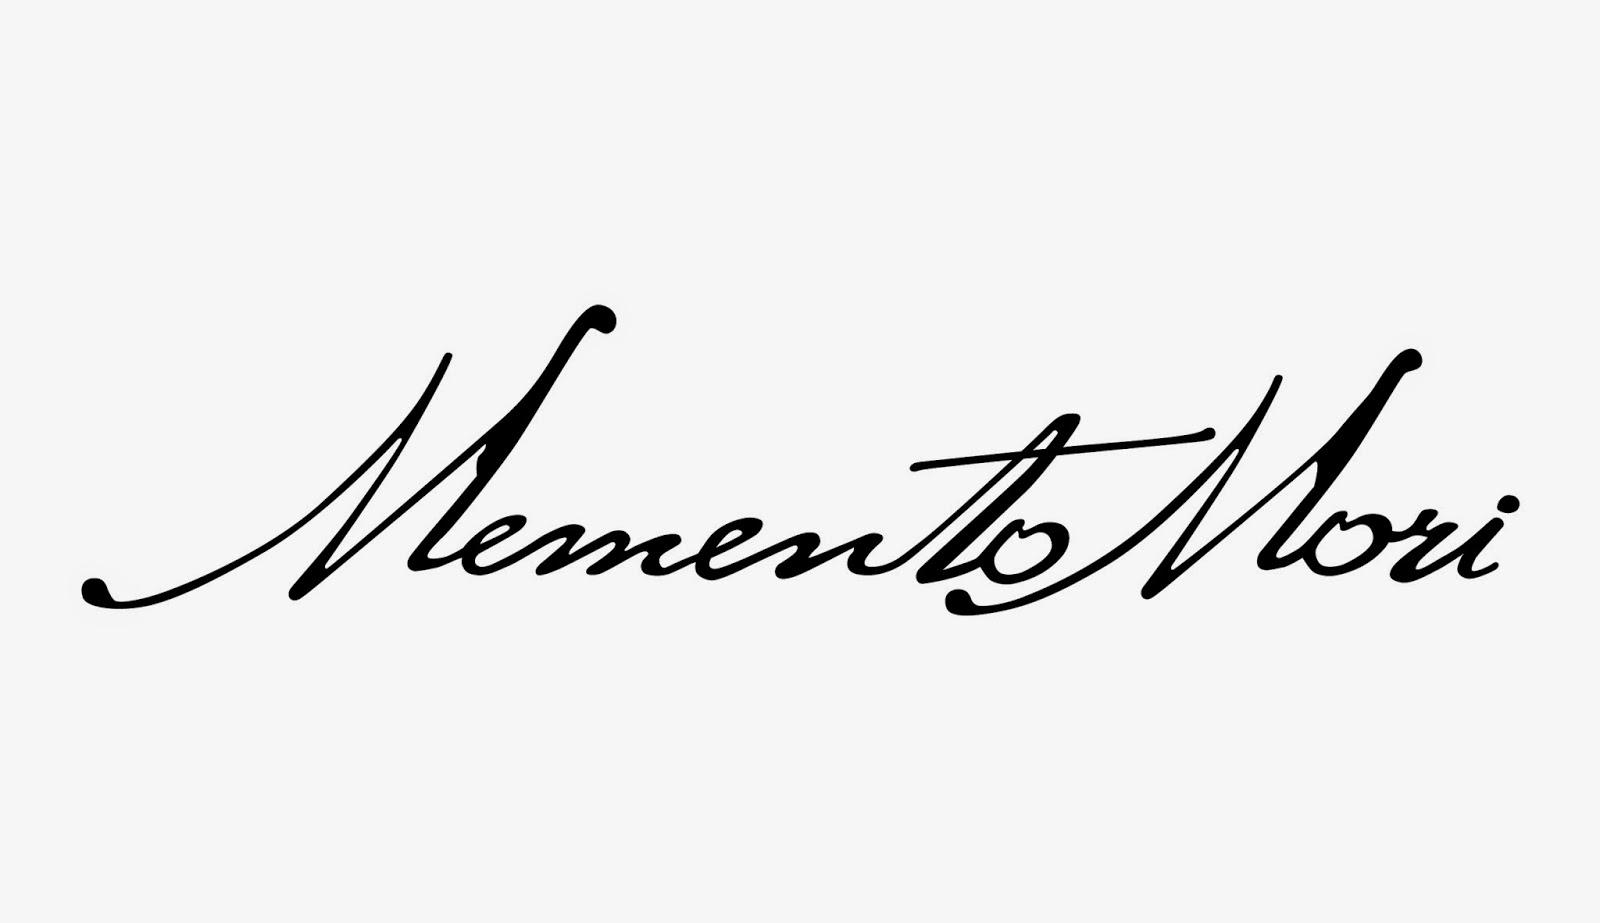 Bohemio mundi memento mori for Frases de memento